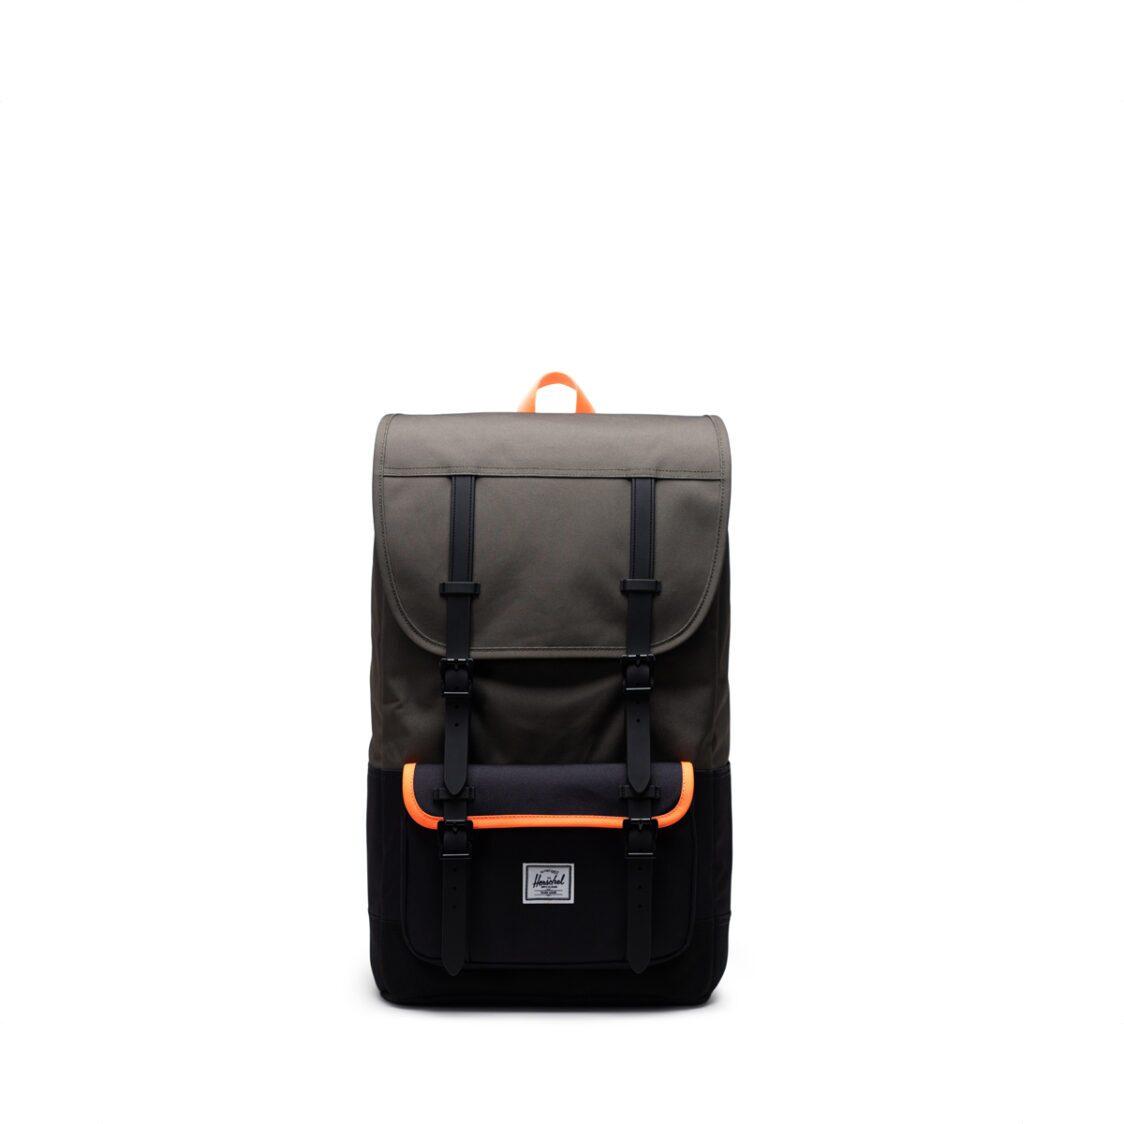 Herschel Little America Pro Ivy GreenBlackShocking Orange Backpack 11038-04940-OS